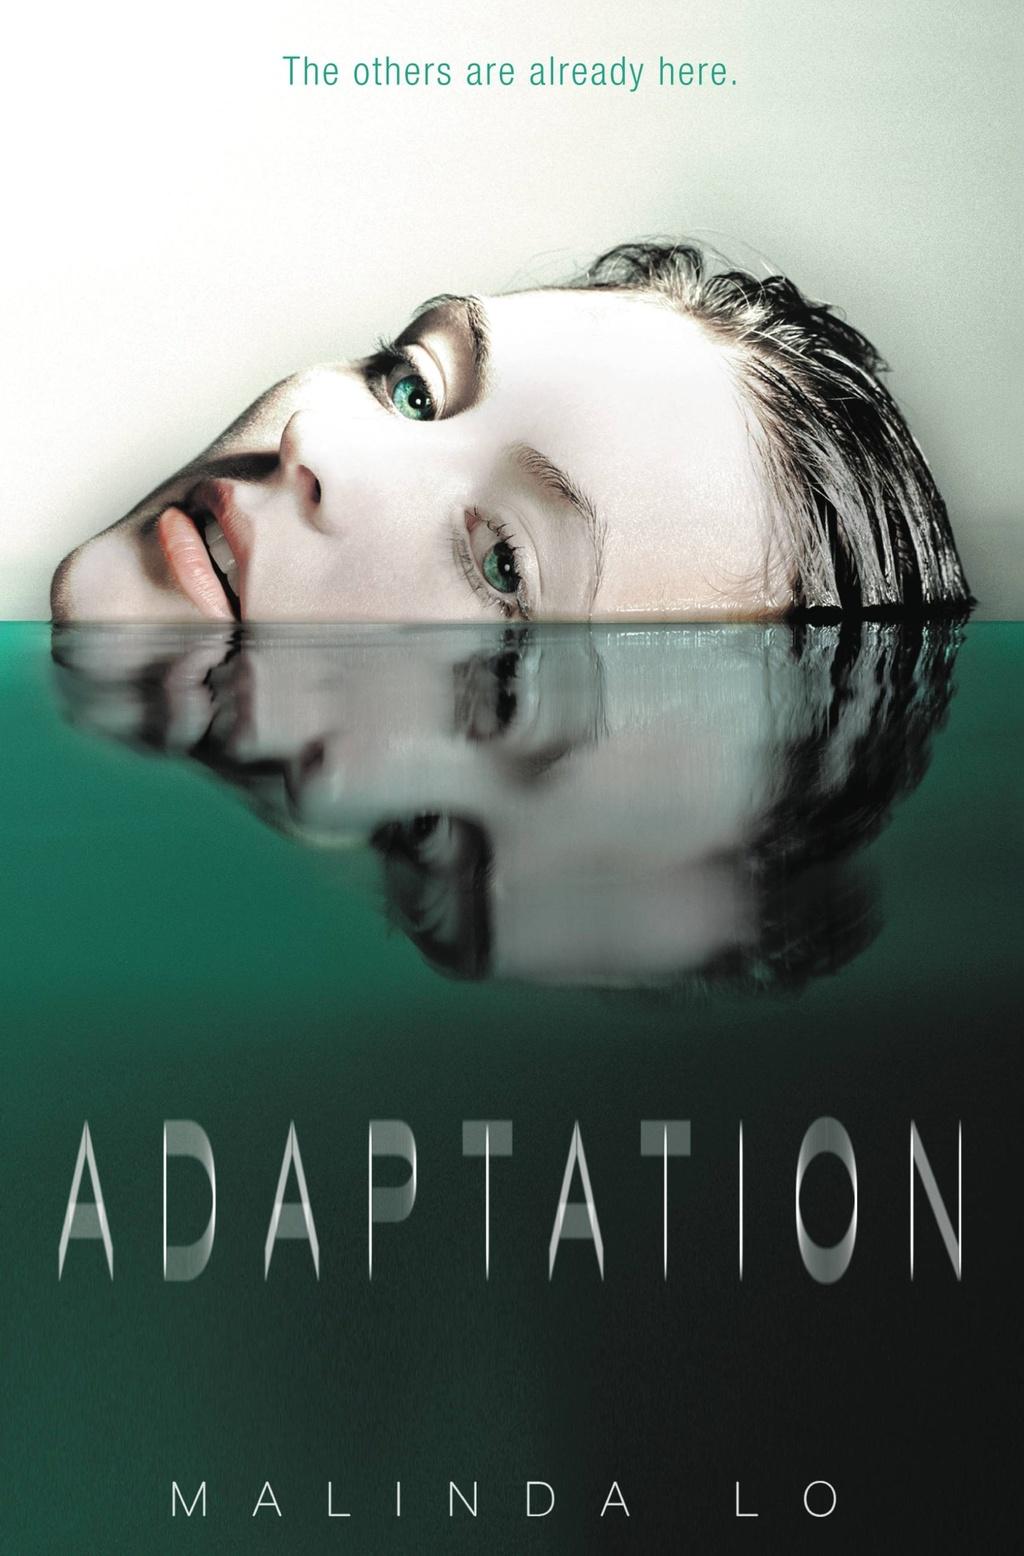 Adaptation, by Malinda Lo